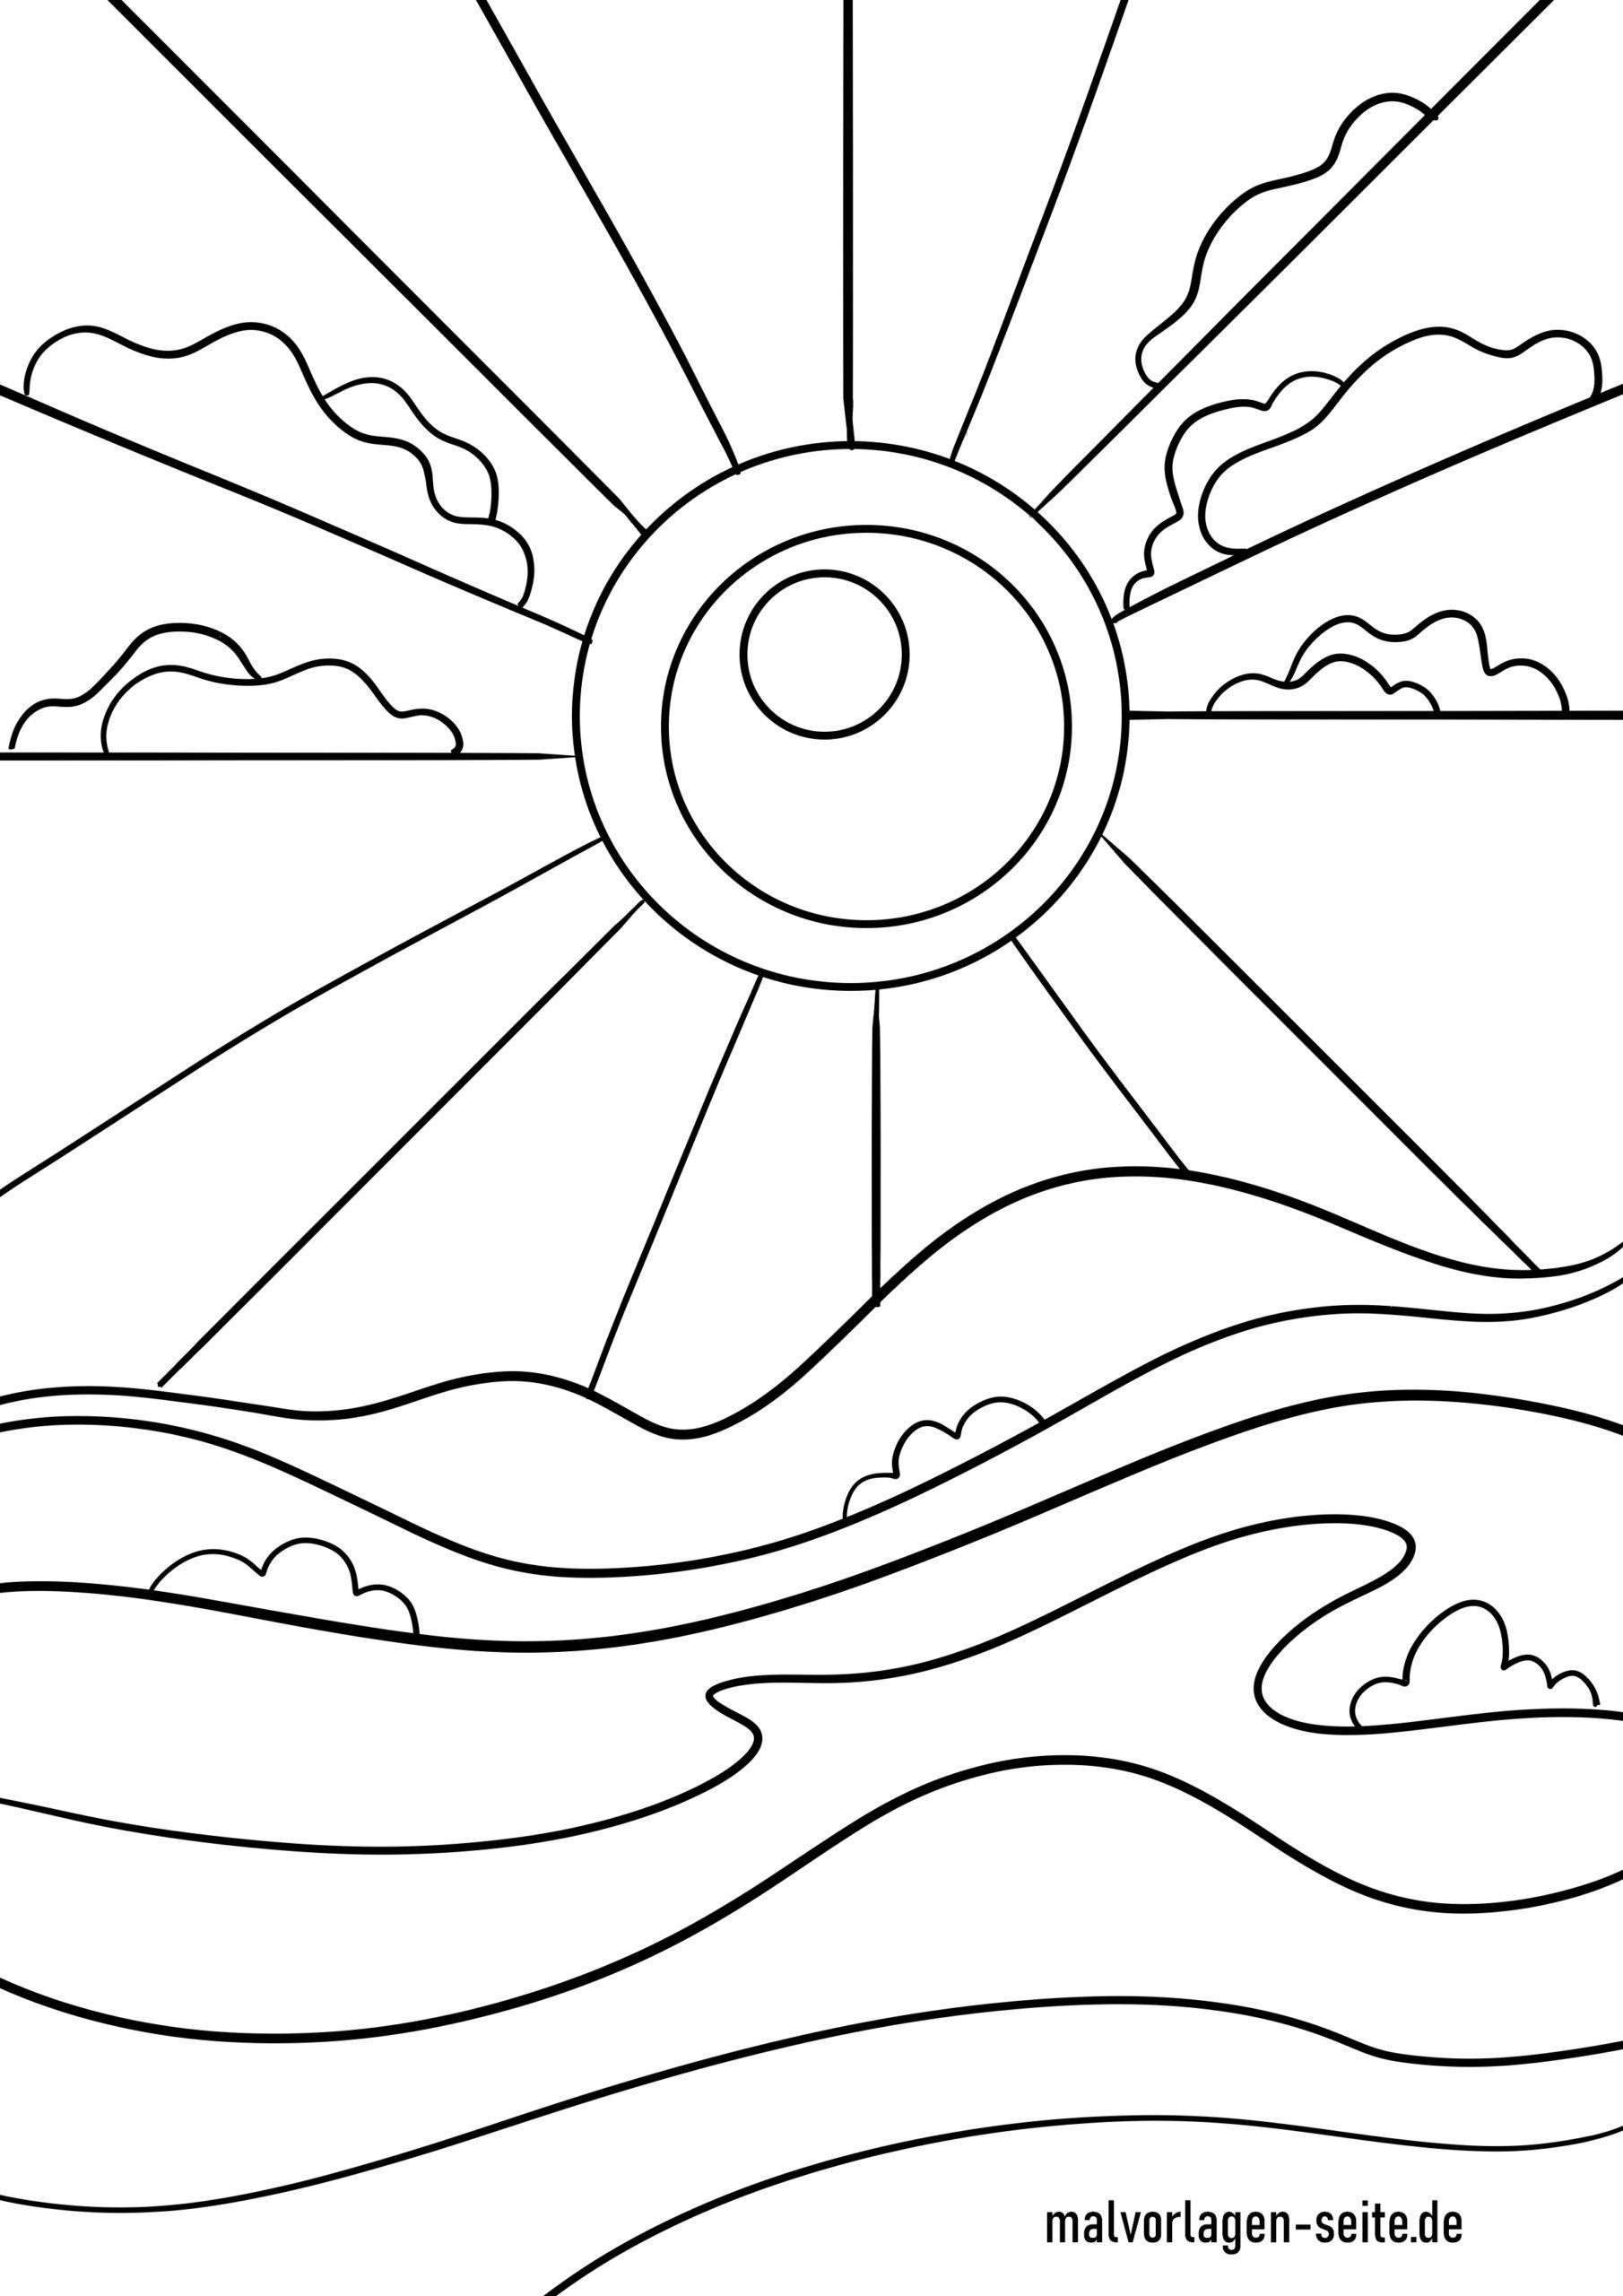 Malvorlage Sonne | Ausmalbilder Kostenlos